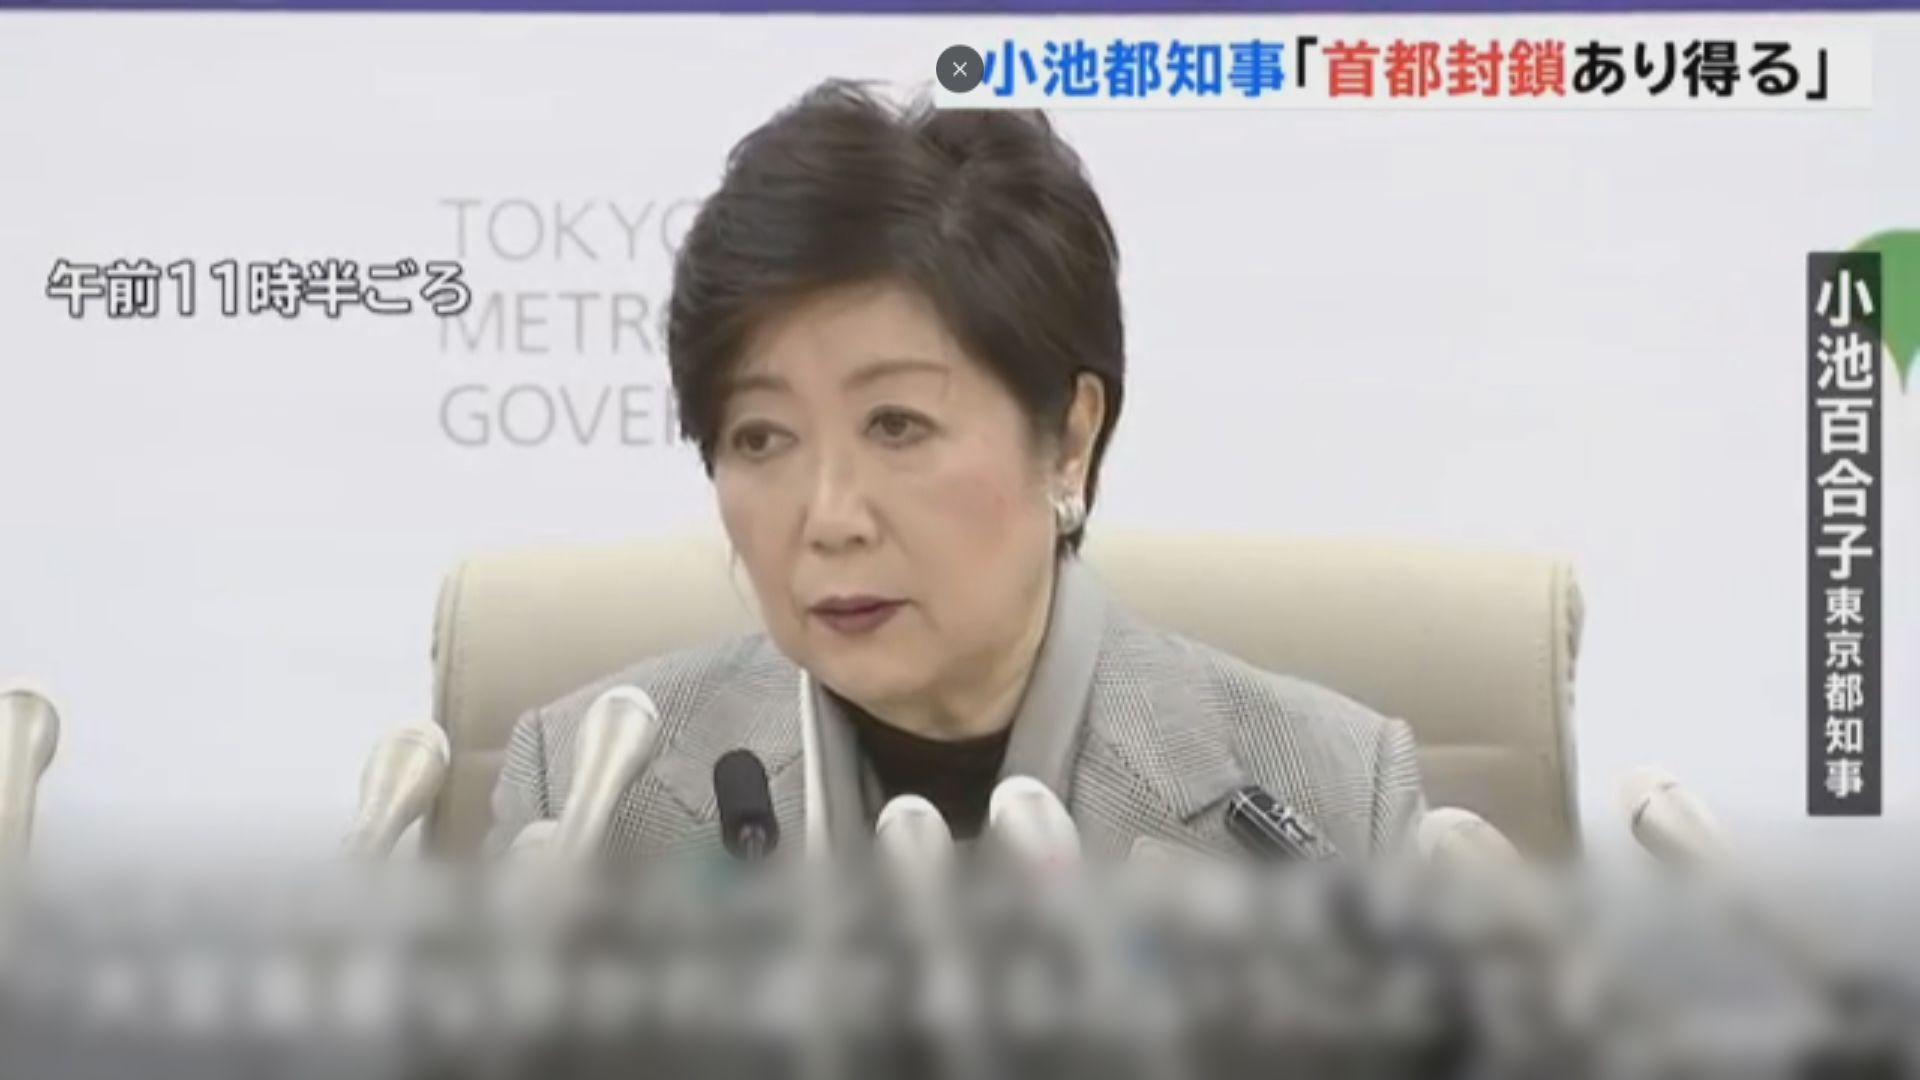 東京新增至少40宗確診個案 知事籲民眾避免外出